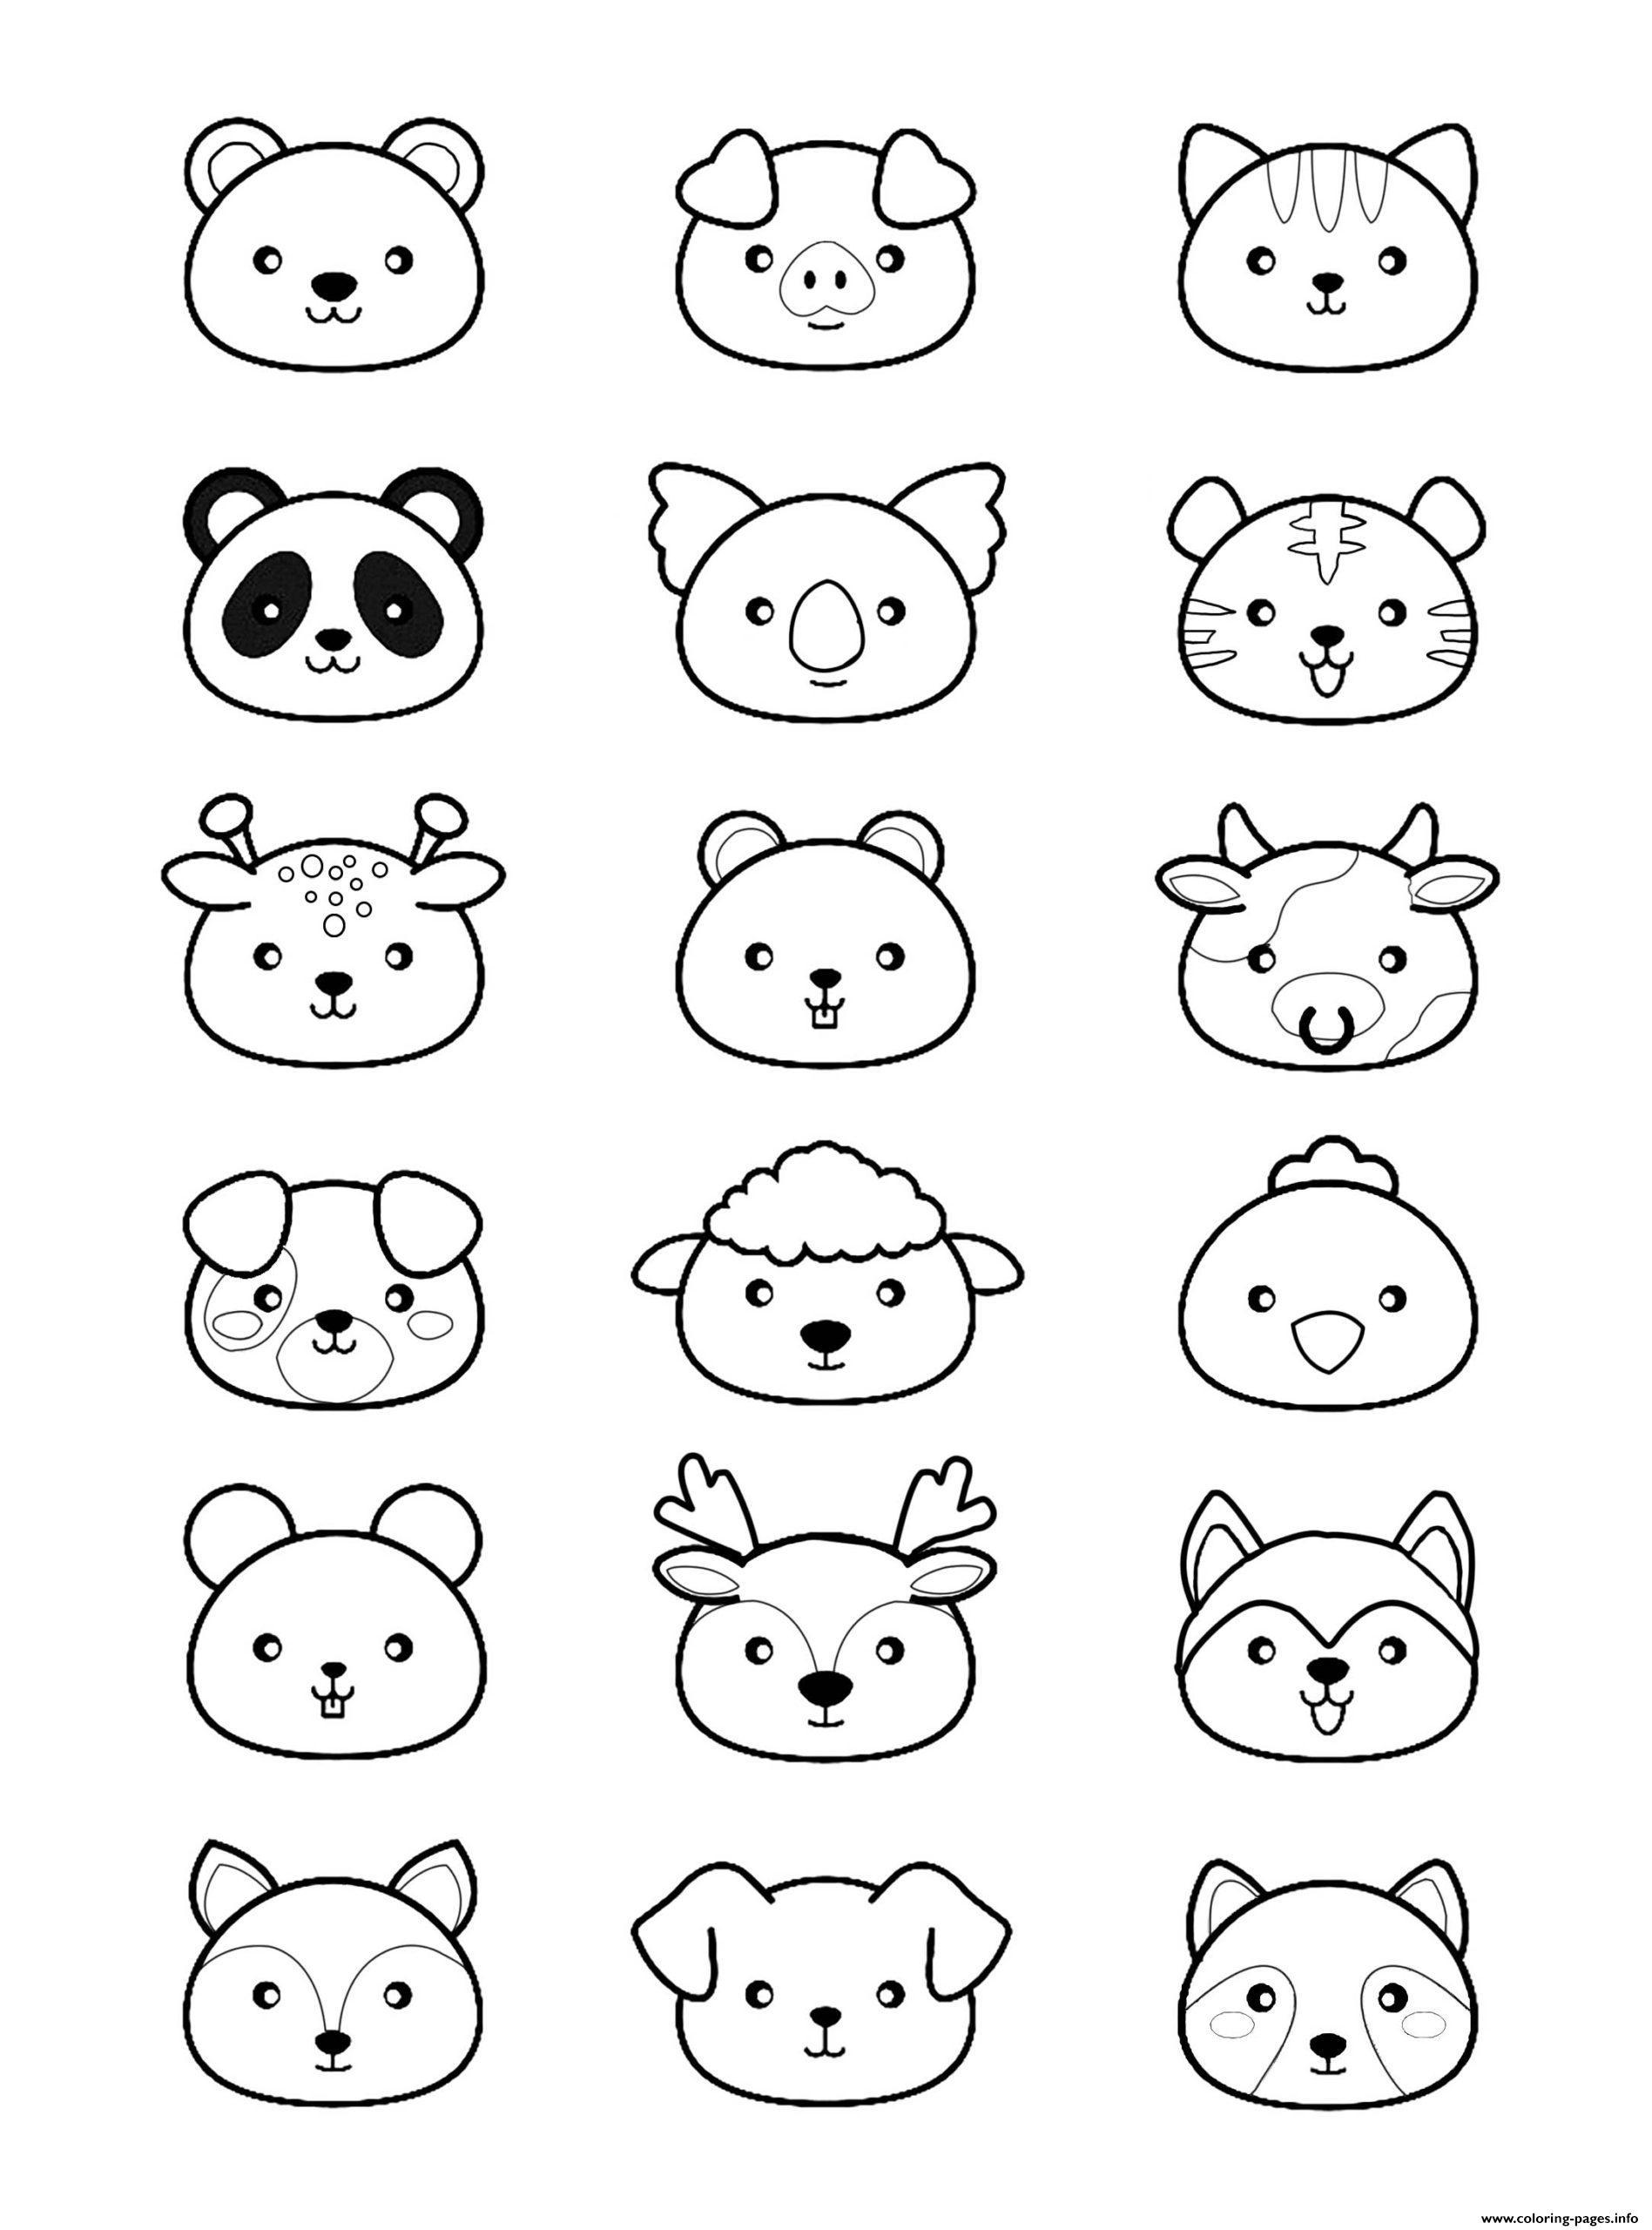 Cute Kawaii Cute Coloring Pages : kawaii, coloring, pages, Animals, Kawaii, Coloring, Pages, Printable